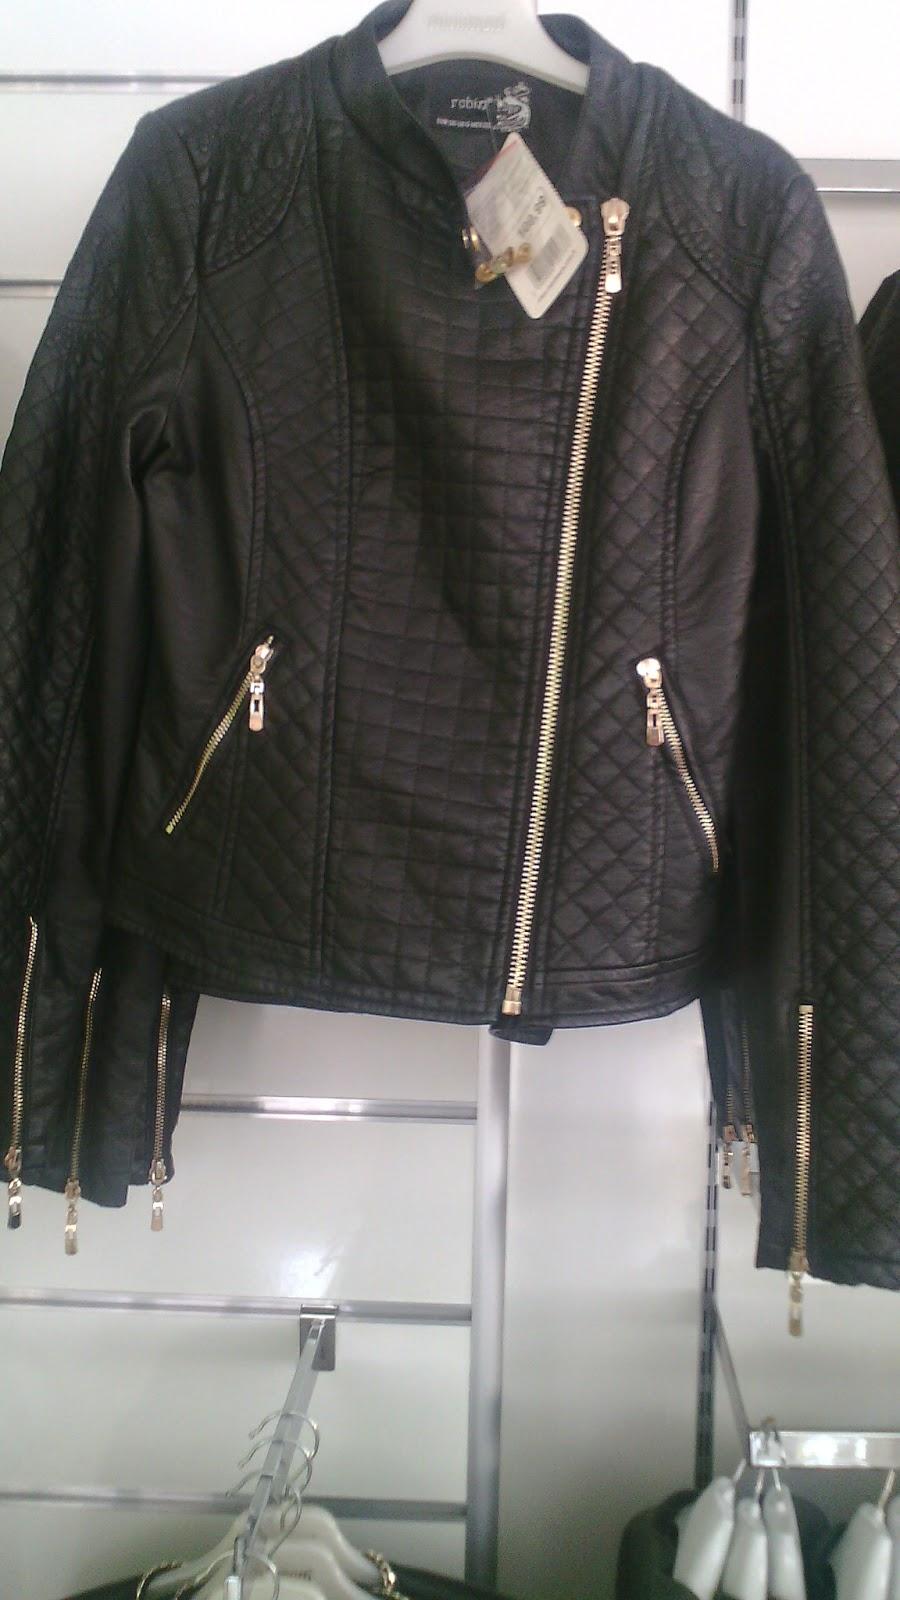 bayan deri ve panzot ceket çeşitleri - toptan satış firmaları